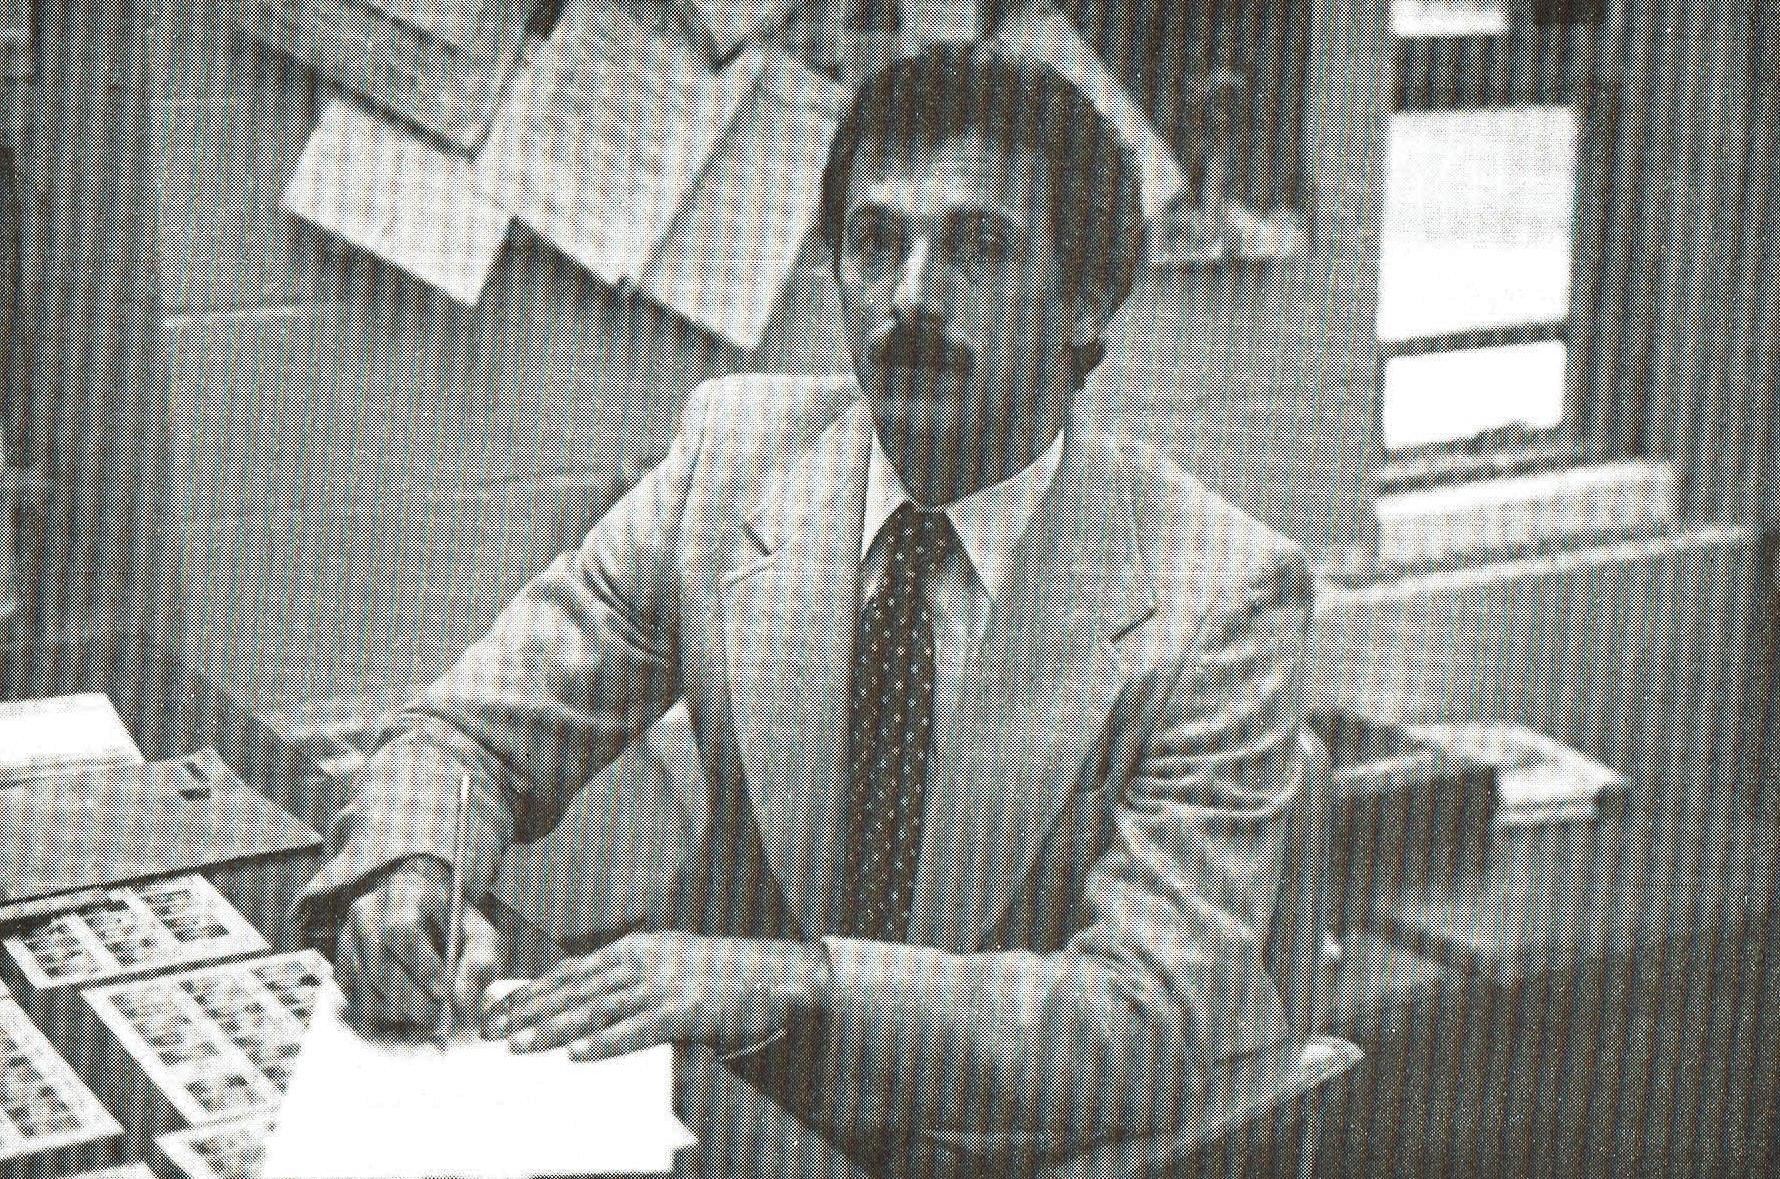 Mr. John Miller 1980-81